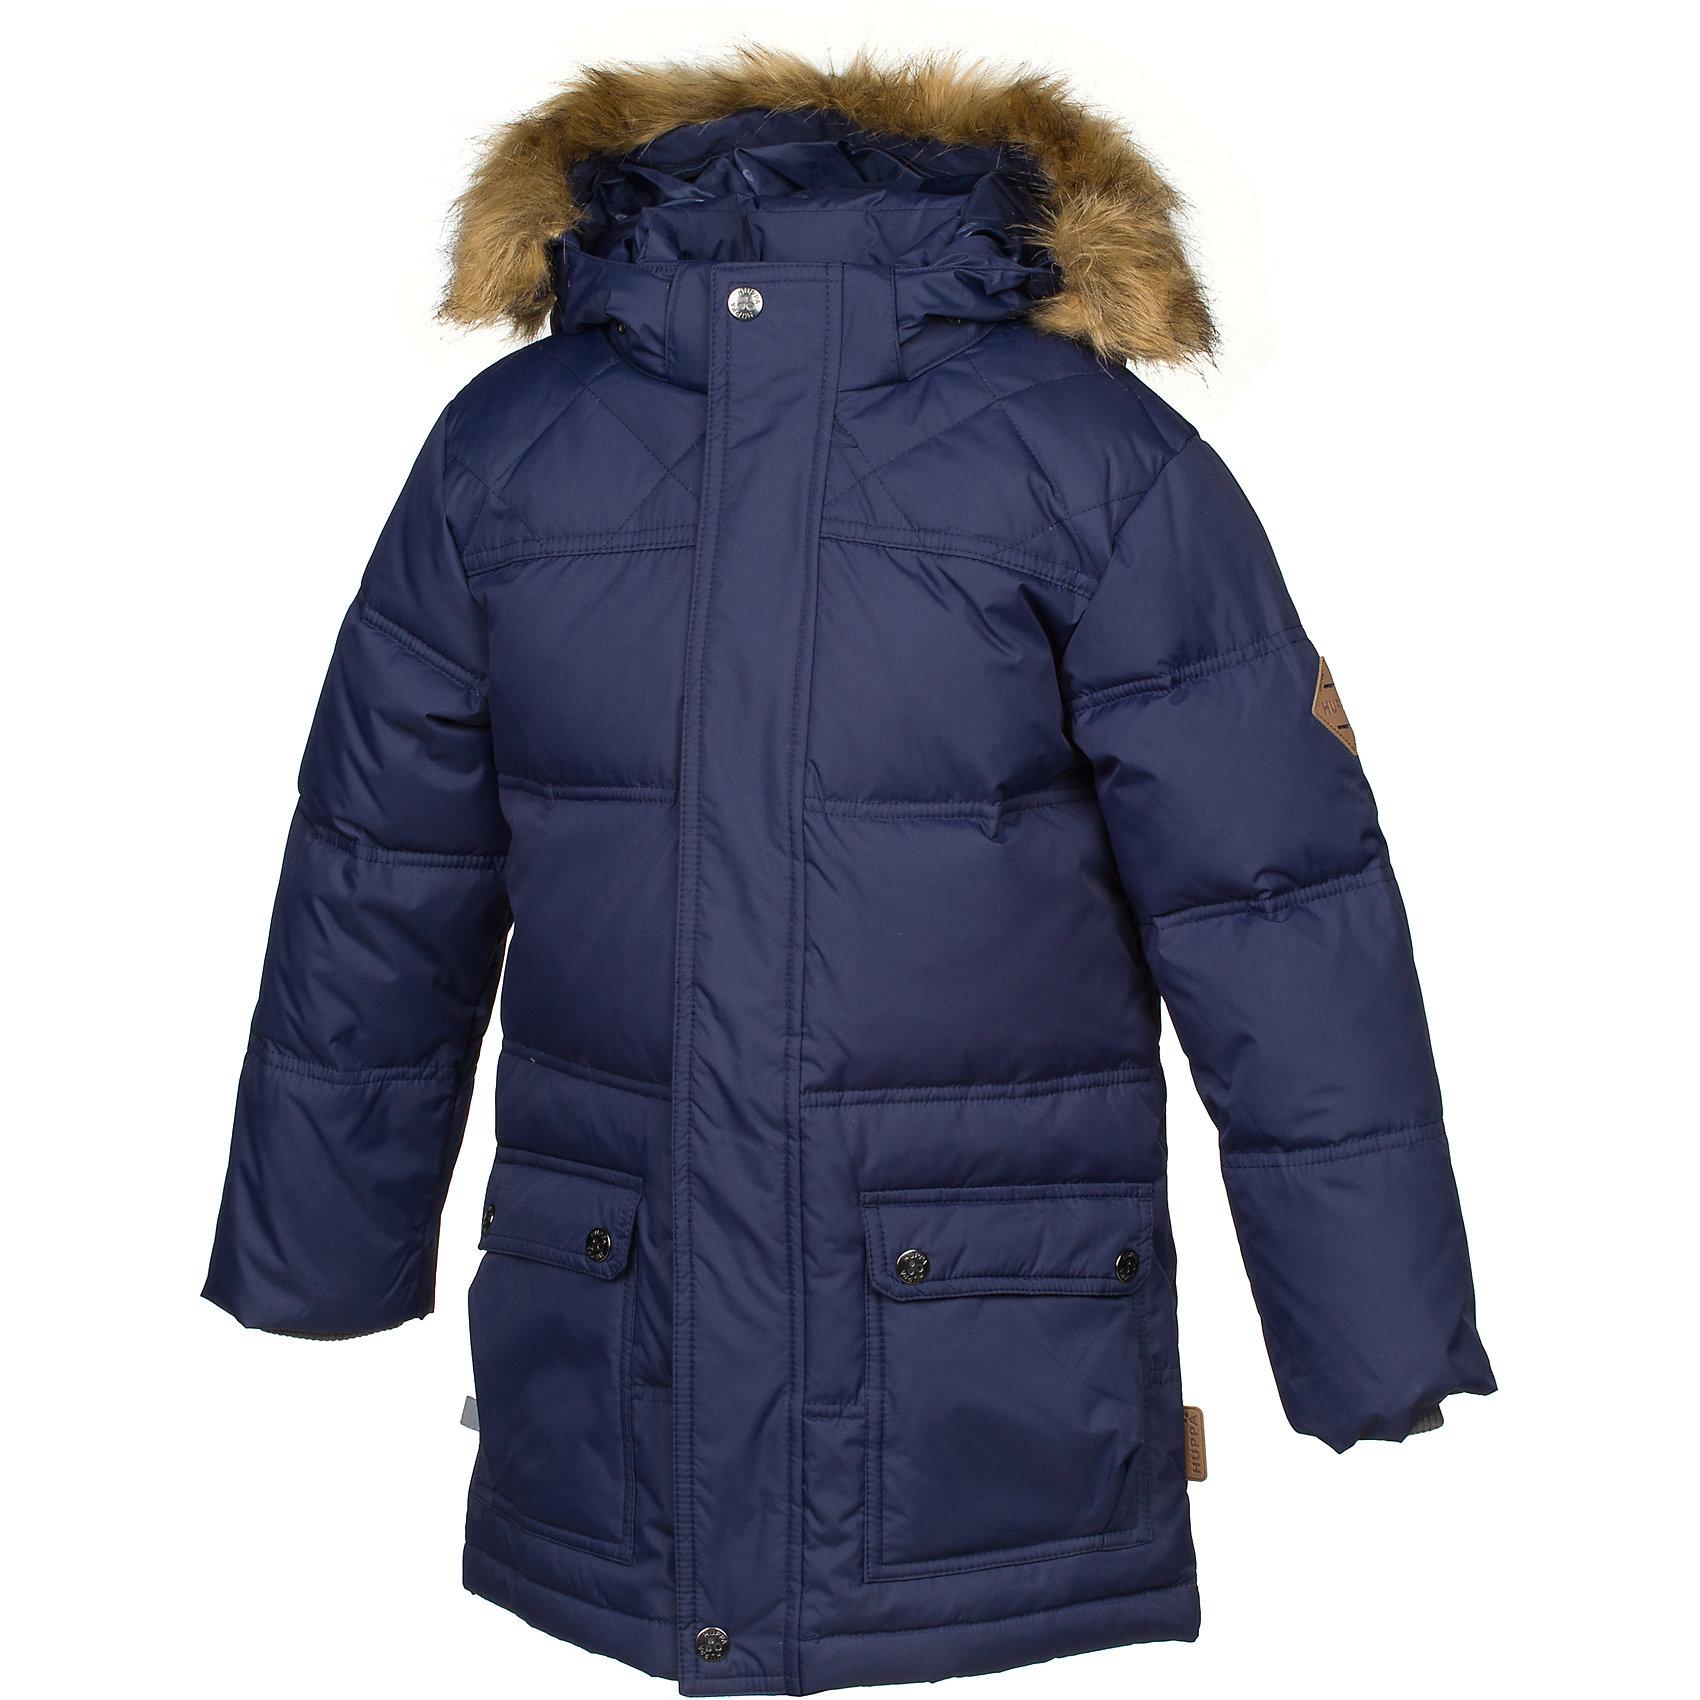 Куртка LUCAS Huppa для мальчикаЗимние куртки<br>Характеристики товара:<br><br>• модель: Lucas;<br>• состав: 100% полиэстер;<br>• утеплитель: 50% пух, 50% перо.;<br>• подкладка: тафта,полиэстер;<br>• сезон: зима;<br>• температурный режим: от - 5 до - 30С;<br>• водонепроницаемость: 5000 мм;<br>• воздухопроницаемость: 5000 г/м2/24ч;<br>• влагоустойчивая и дышащая ткань;<br>• двухсторонняя молния;<br>• воротник-стойка застегивается на застежку-молнию и кнопки;<br>• безопасный капюшон при необходимости, отстегивается;<br>• мех на капюшоне съемный;<br>• низ рукавов дополнен эластичными манжетами;<br>• карманы на молнии;<br>• светоотражающие детали для безопасности ребенка;<br>• страна бренда: Финляндия;<br>• страна изготовитель: Эстония.<br><br>Стильная молодёжная парка Lucas для мальчиков выполнена  из влагоустойчивой и дышащей ткани, которая позволяет сохранить внутри собственное тепло ребенка и препятствует попаданию извне холодного воздуха. Её поверхность очень просто очистить от любых загрязнений.<br><br>Голову украшает отстёгивающийся капюшон, обрамлённый съемным мехом. Прямой крой придаёт парке модный спортивный вид. Двусторонняя молния спрятана за декоративной планкой. Бегунок молнии открывается/закрывается снизу и сверху. Карманы на молнии. В рукава вшиты вязаные манжеты. Они прекрасно защищают парня от снега и ветра.Имеются светоотражательные элементы.<br><br>Разрабатываемая дизайнерами компании Хуппа детская одежда полностью отвечает климатическим особенностям нашей страны.<br><br>Куртку Lucas для мальчика бренда HUPPA  можно купить в нашем интернет-магазине.<br><br>Ширина мм: 356<br>Глубина мм: 10<br>Высота мм: 245<br>Вес г: 519<br>Цвет: синий<br>Возраст от месяцев: 168<br>Возраст до месяцев: 180<br>Пол: Мужской<br>Возраст: Детский<br>Размер: 170,128,134,140,146,152,164,158,110,116,122<br>SKU: 7025251